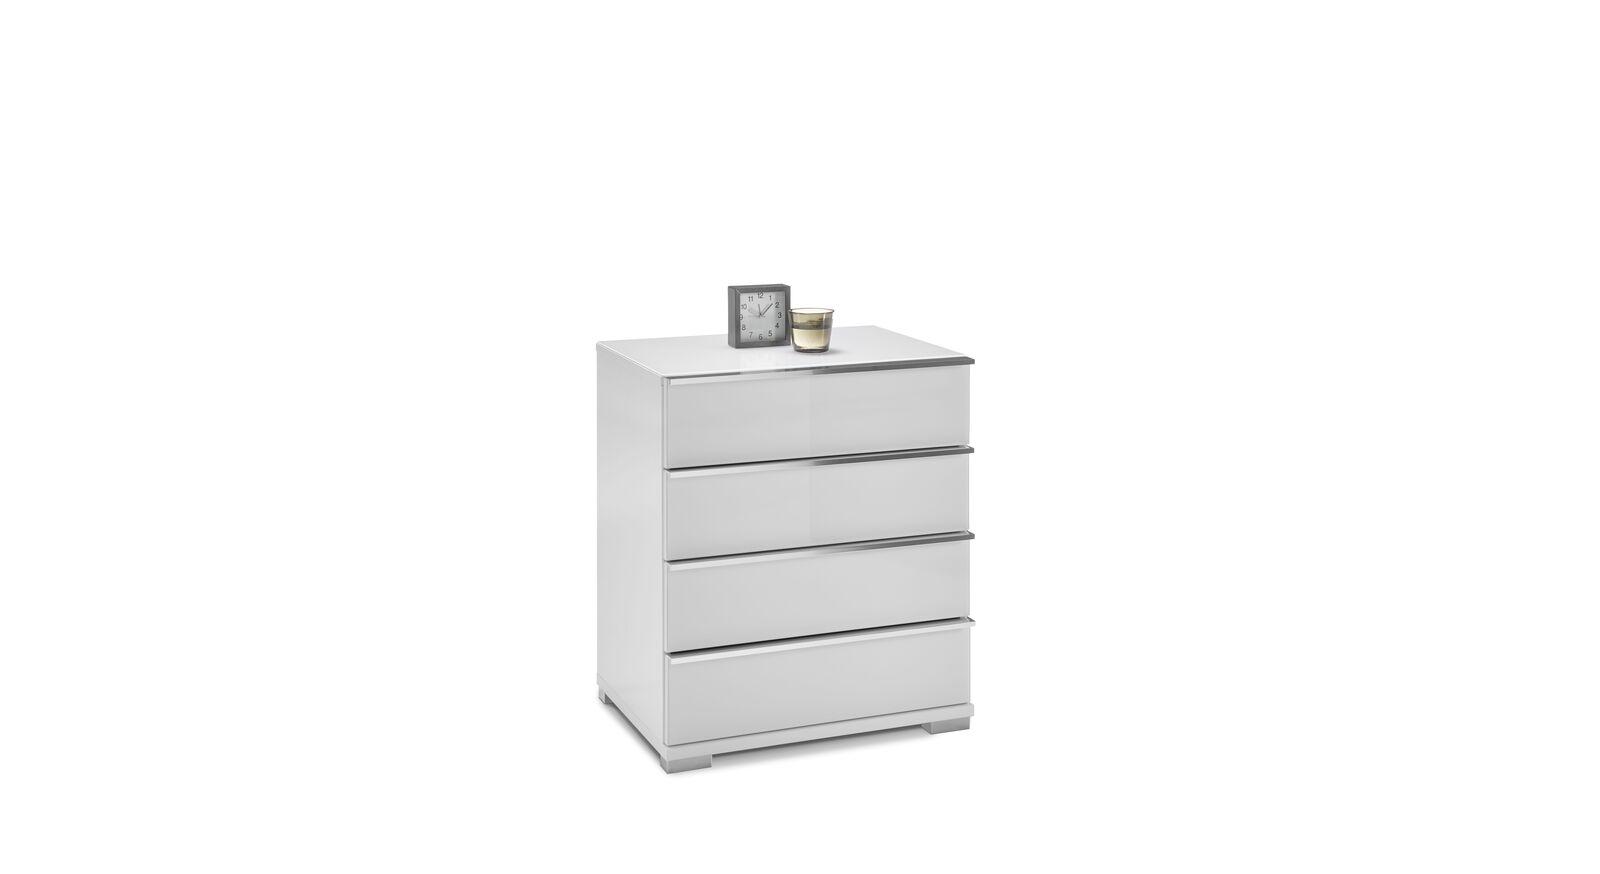 Schmale GALLERY M Kommode IMOLA W in Weiß mit 4 Schubladen